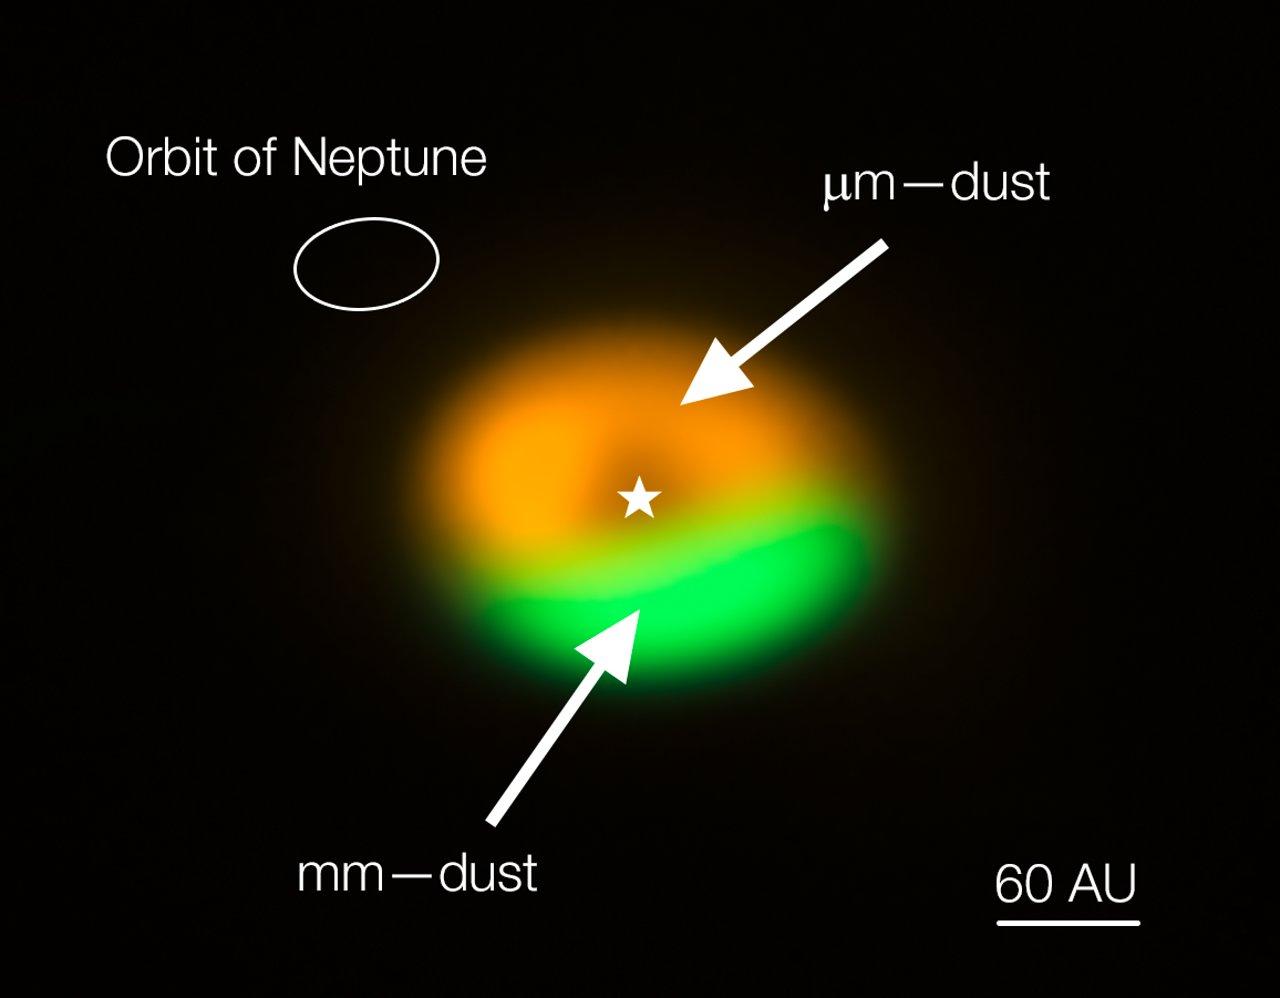 ALMA-Aufnahme der Staubfalle und Kometenfabrik um Oph-IRS 48 (beschriftet)